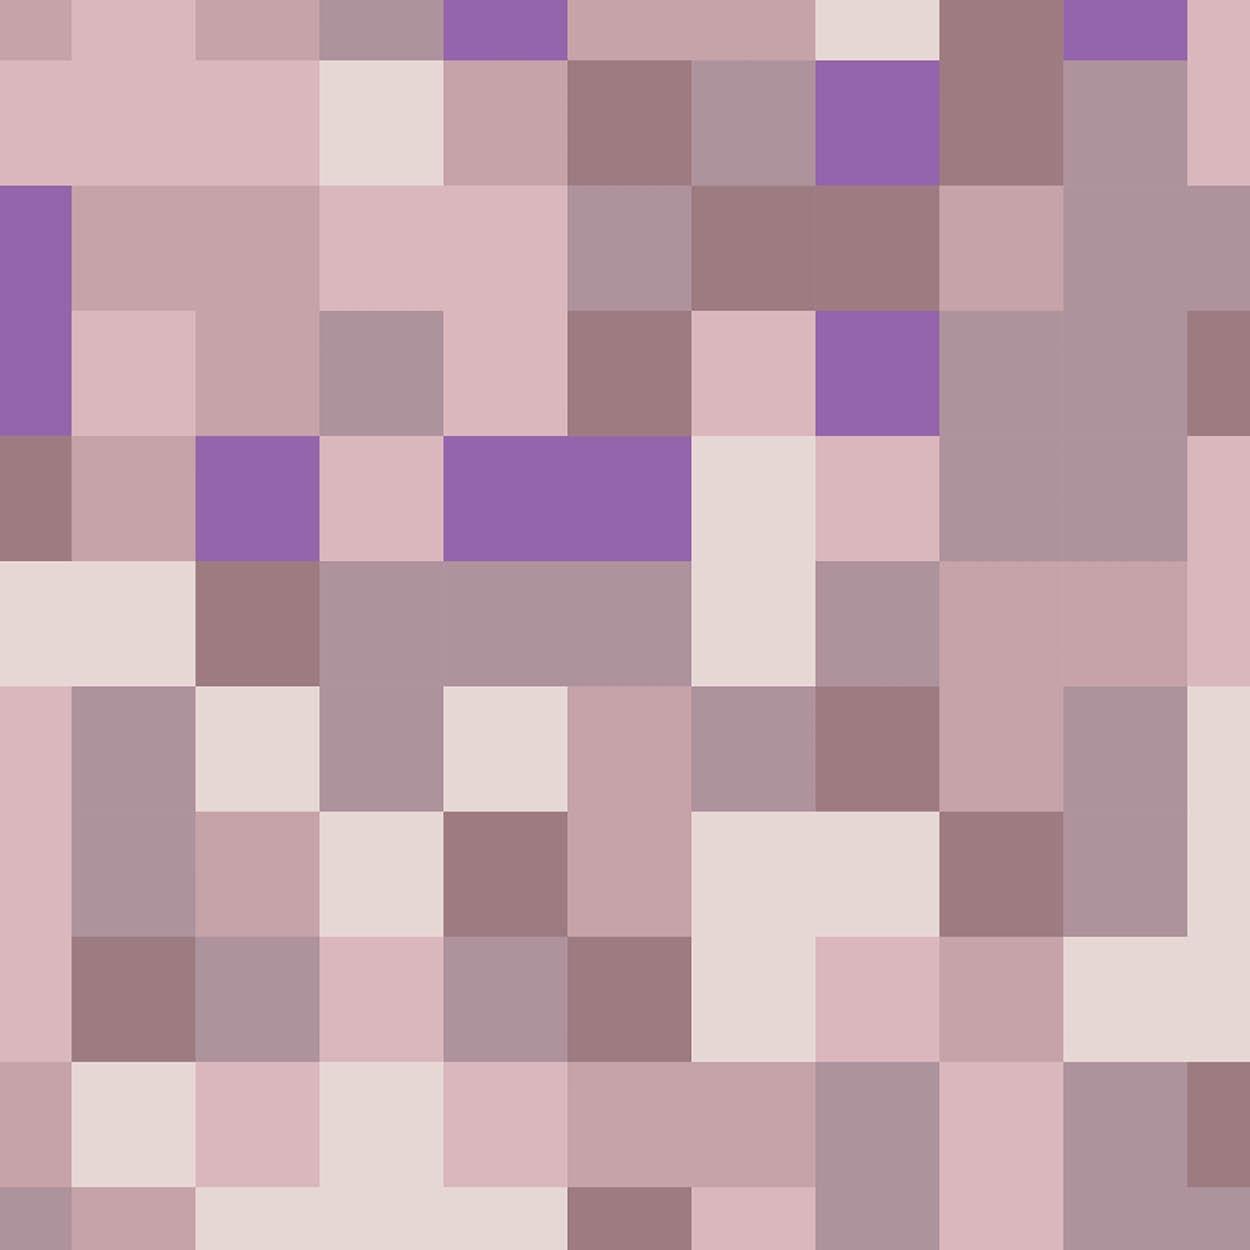 Big Pixel 7